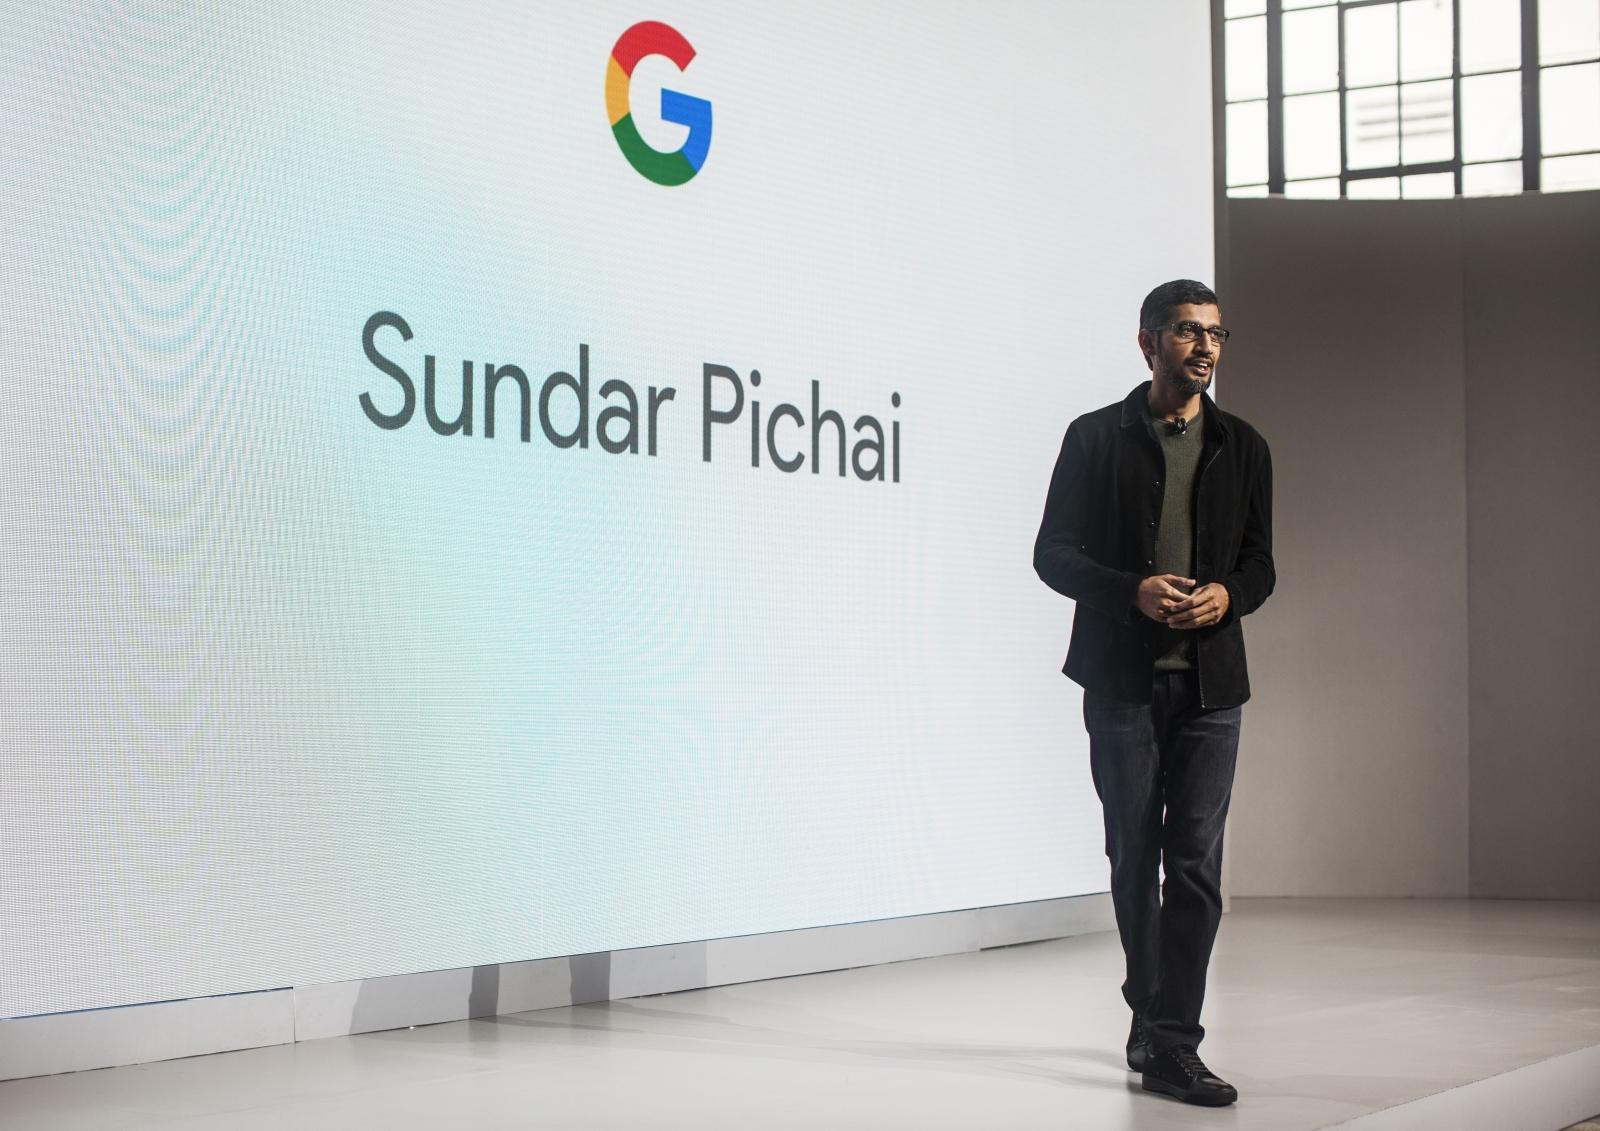 Executives Google Video